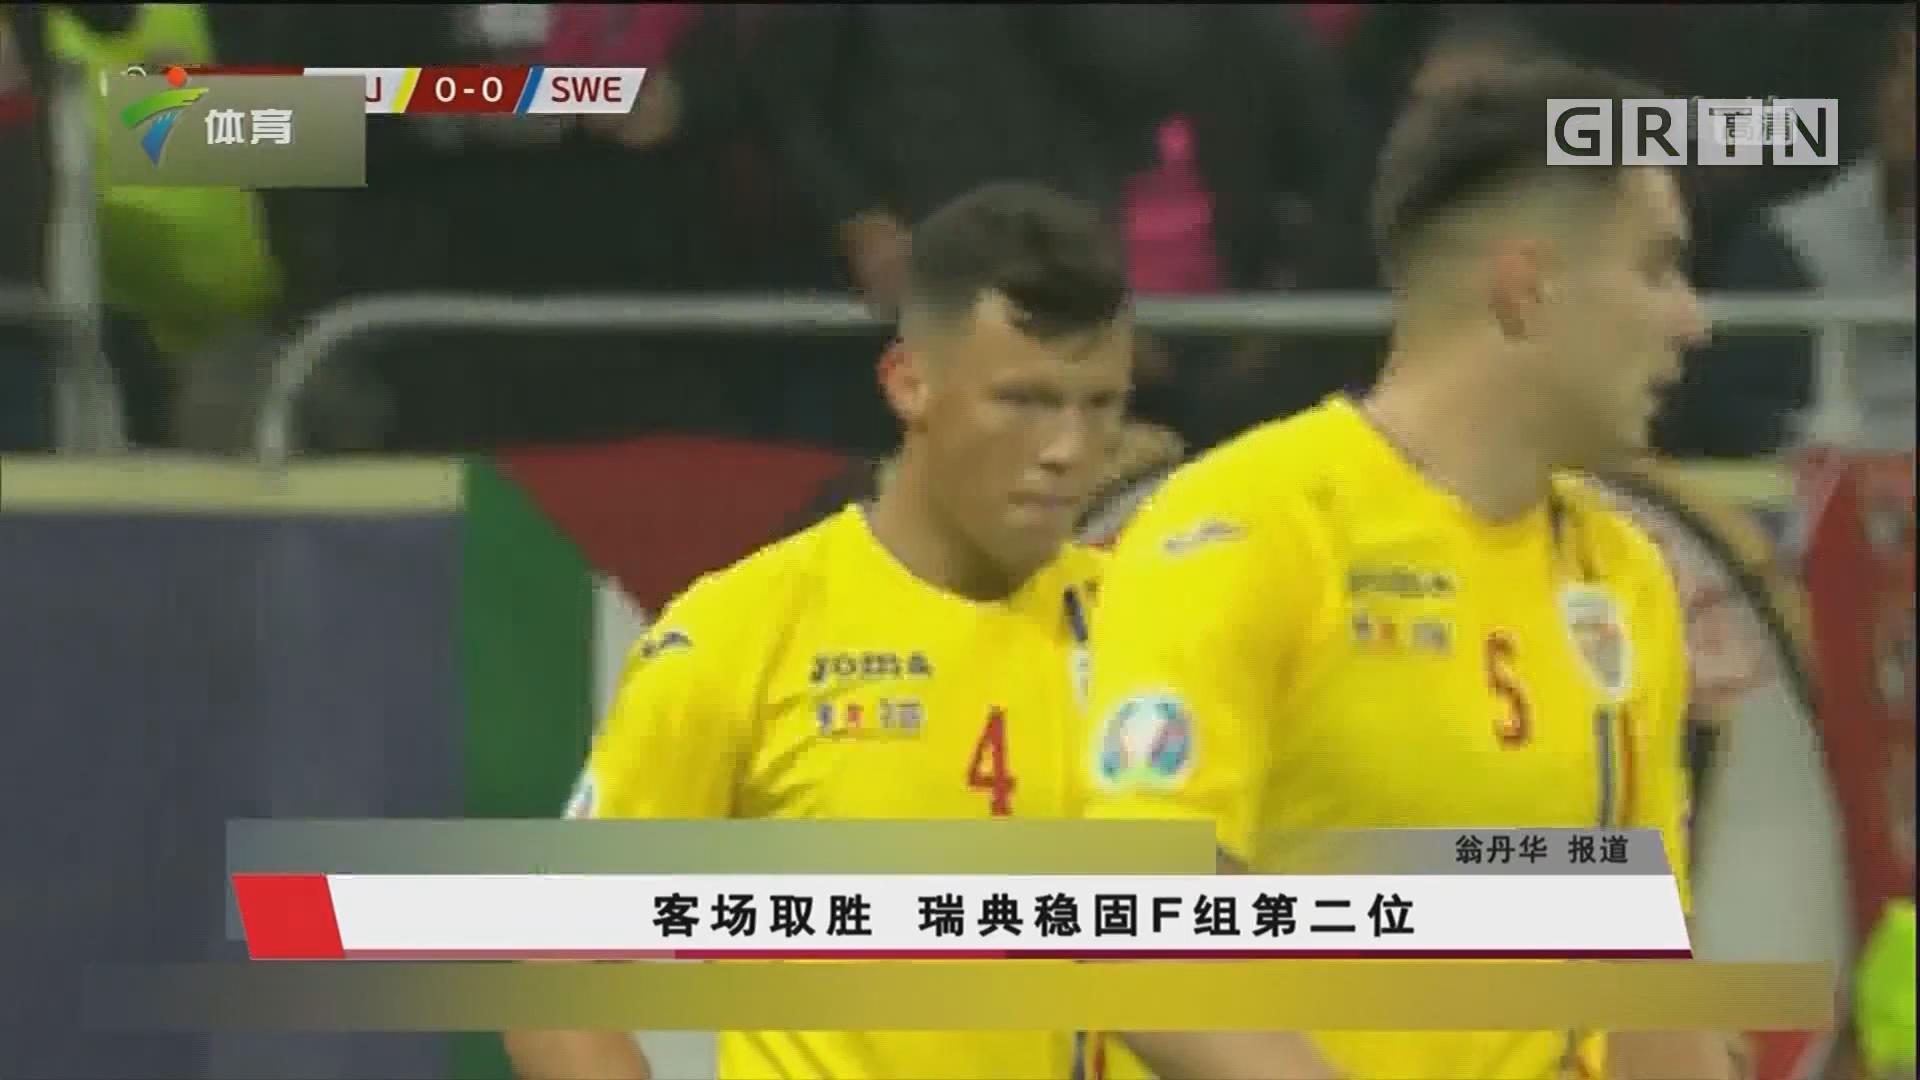 客场取胜 瑞典稳固F组第二位